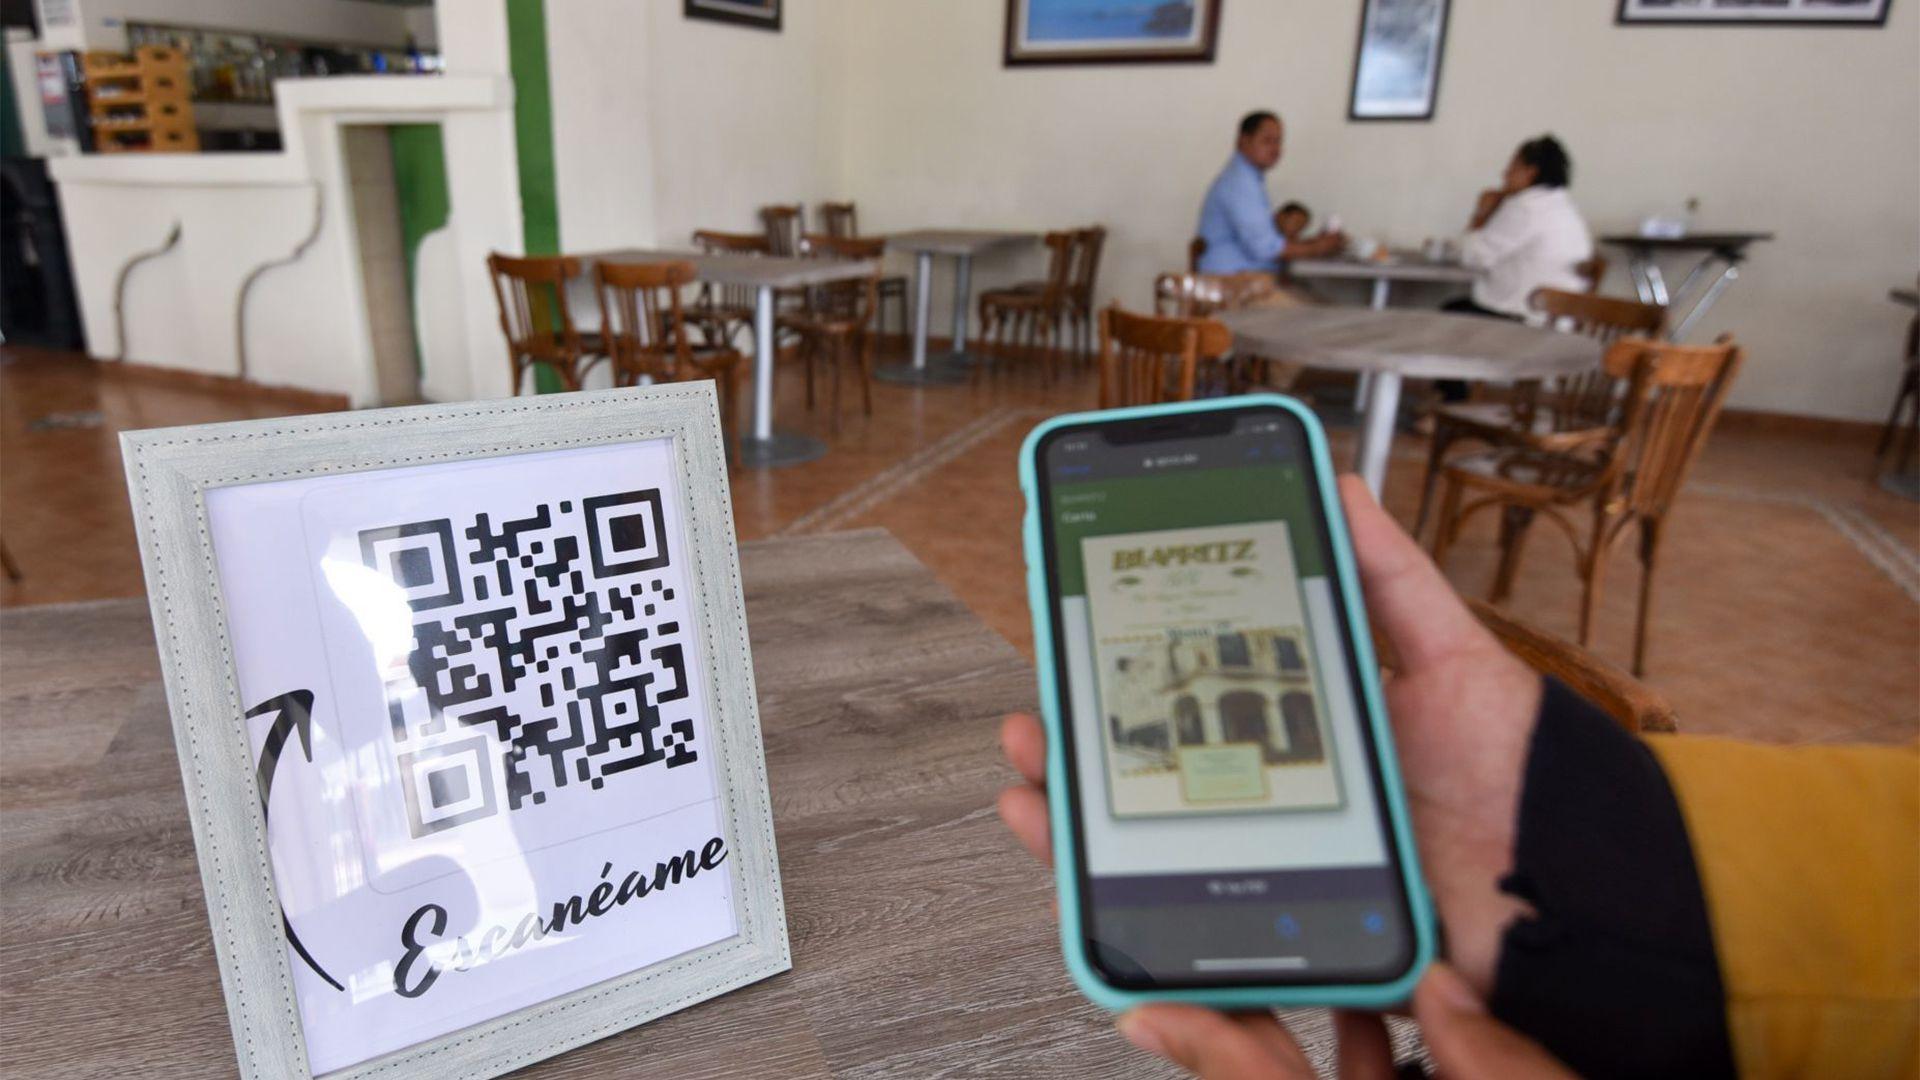 Algunos restaurantes han implementado los menús electrónicos que se escanean en códigos QR, para así evitar que los comensales toquen las cartas tradicionales (Foto: Cuartoscuro)